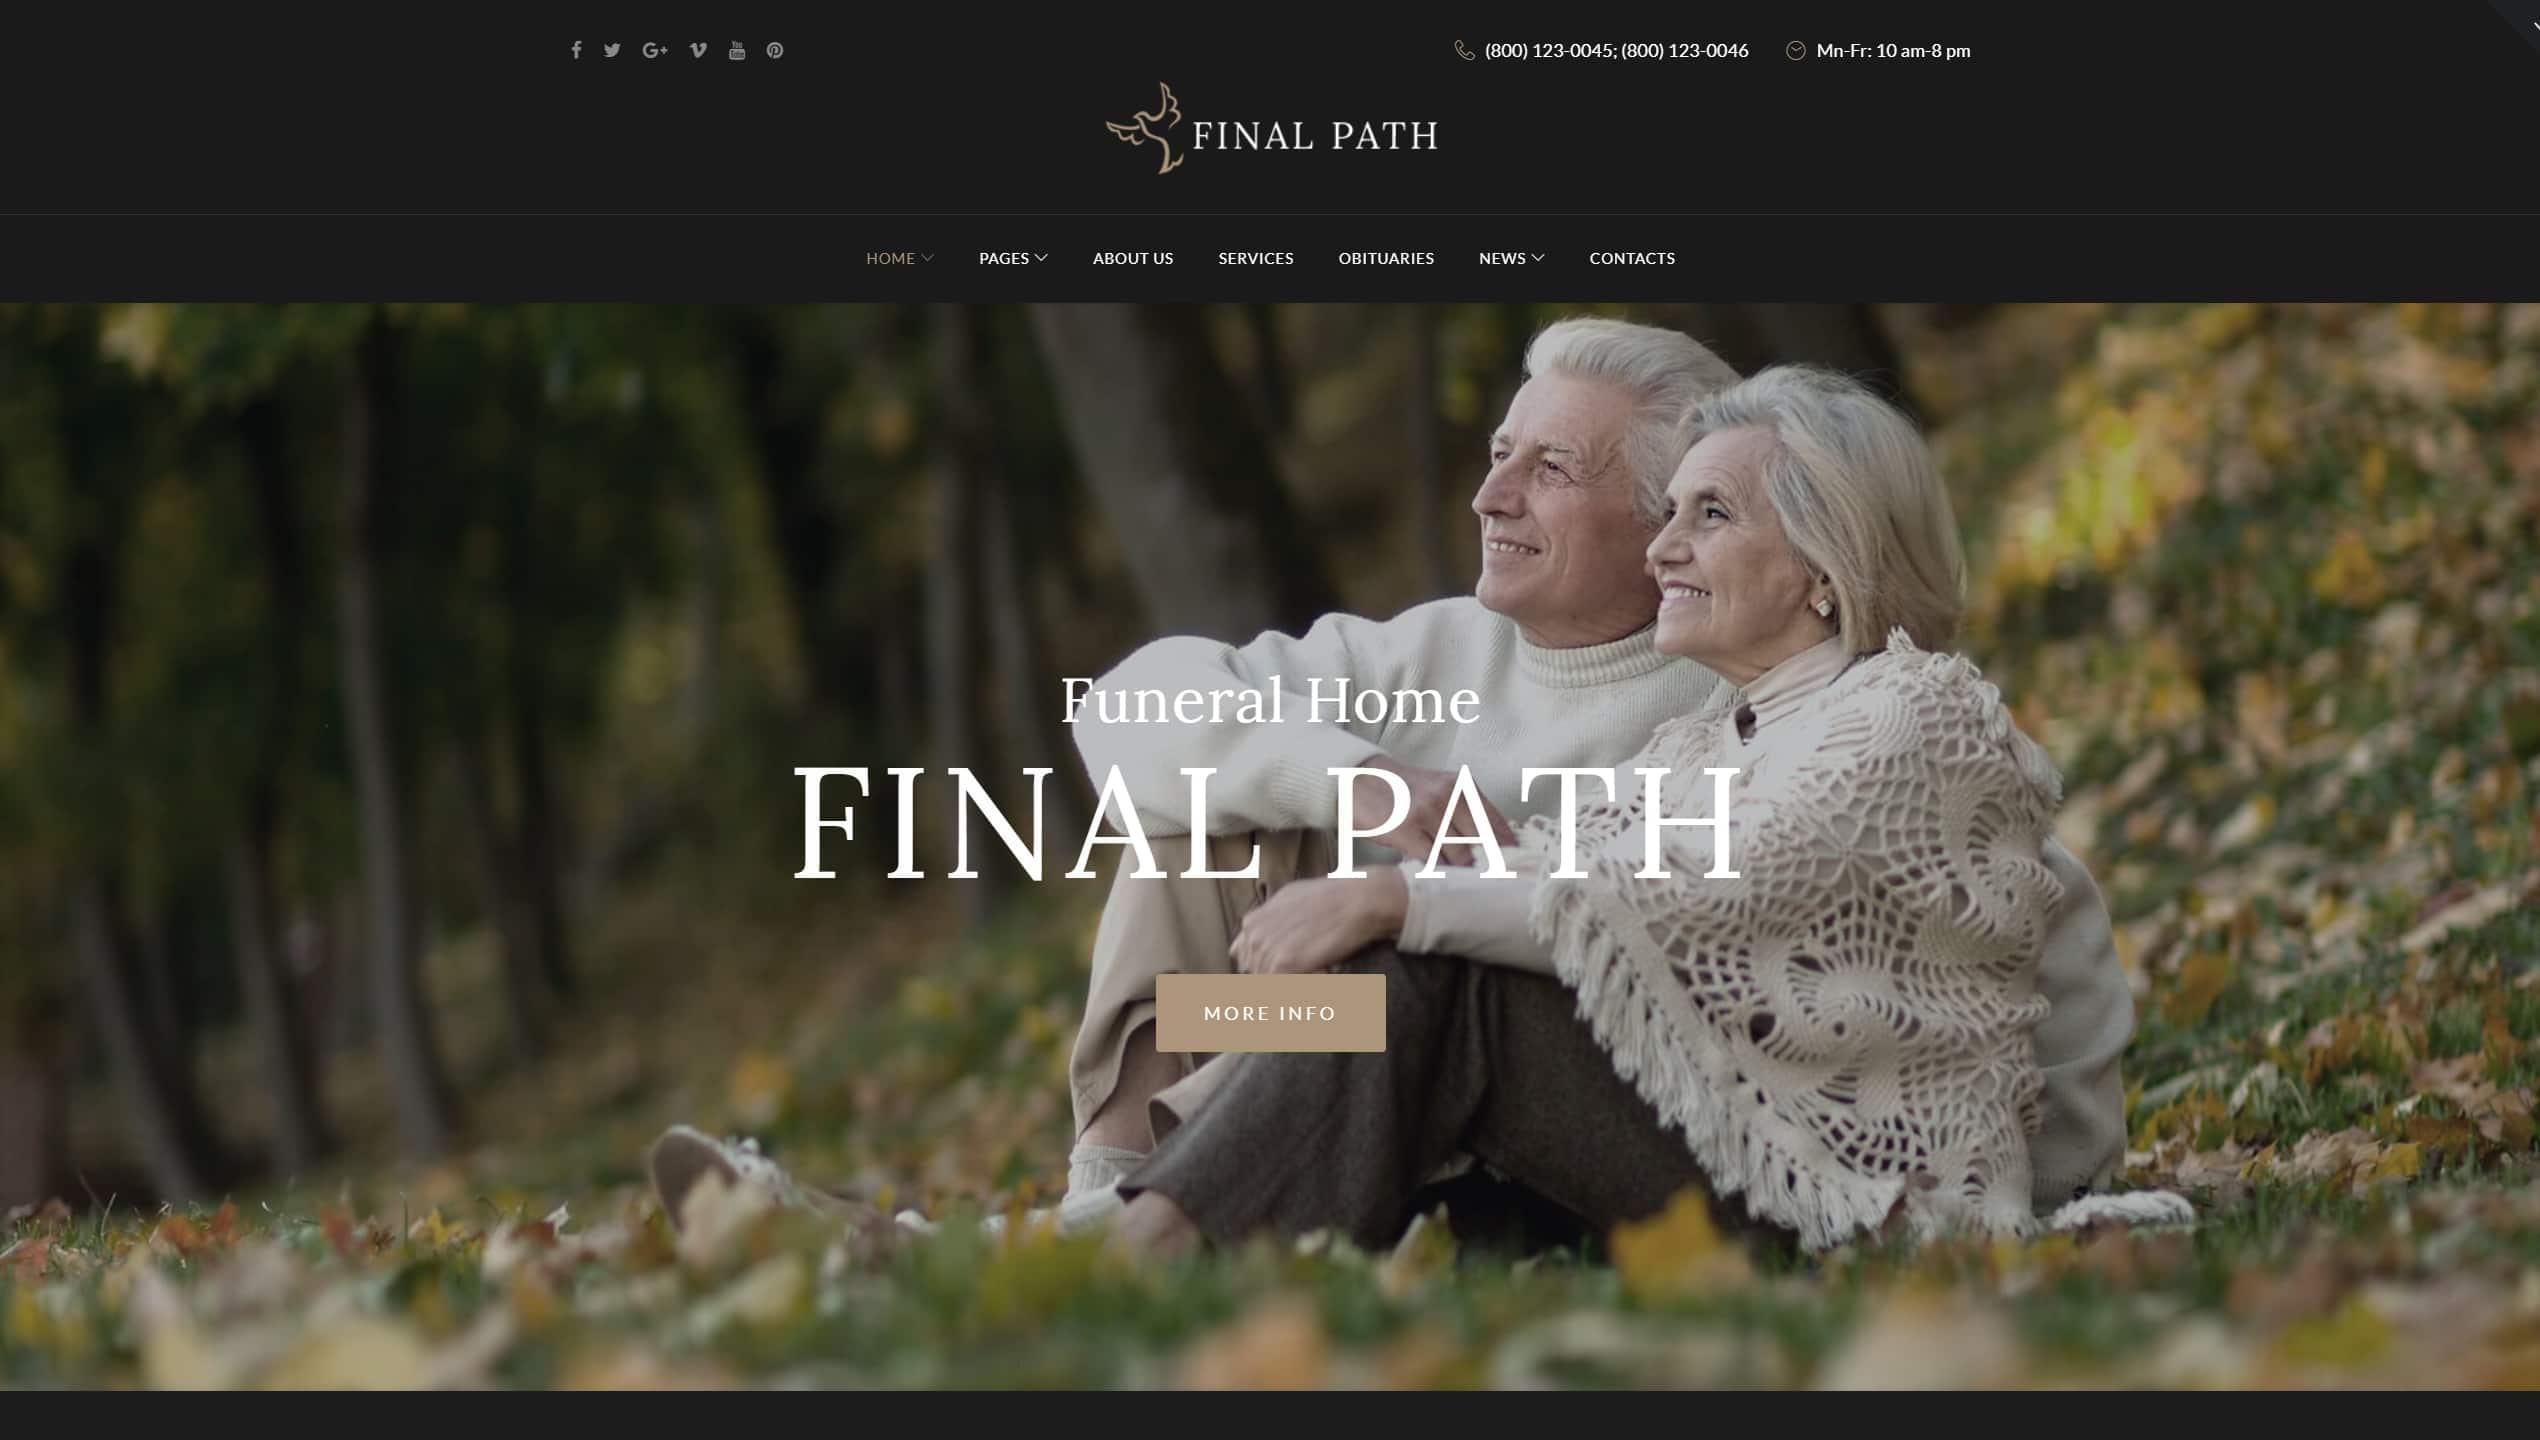 Шаблон ритуальных услуг WordPress для ритуального агентства